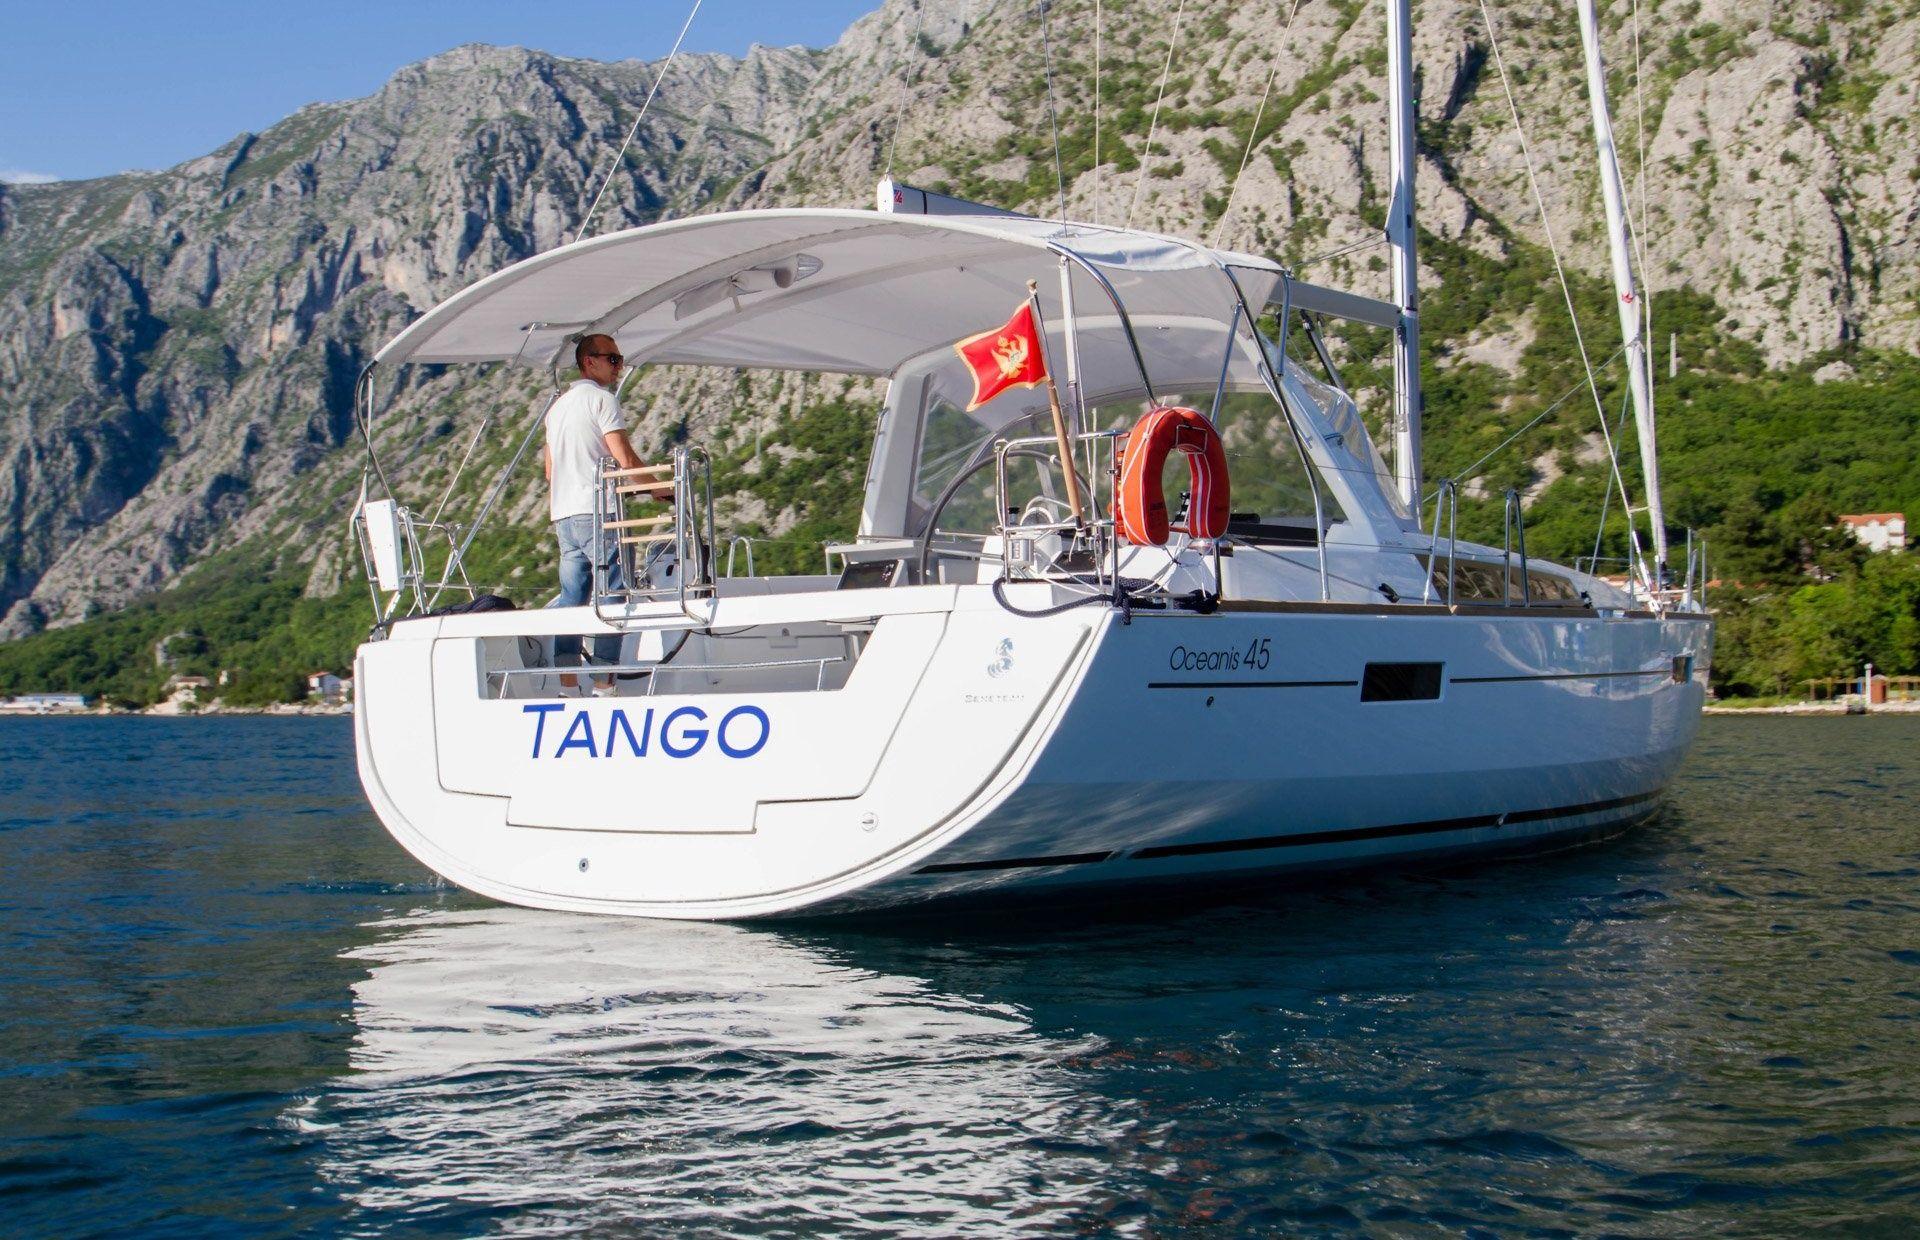 https://media.insailing.com/event/tango/image_1588250721489.jpg